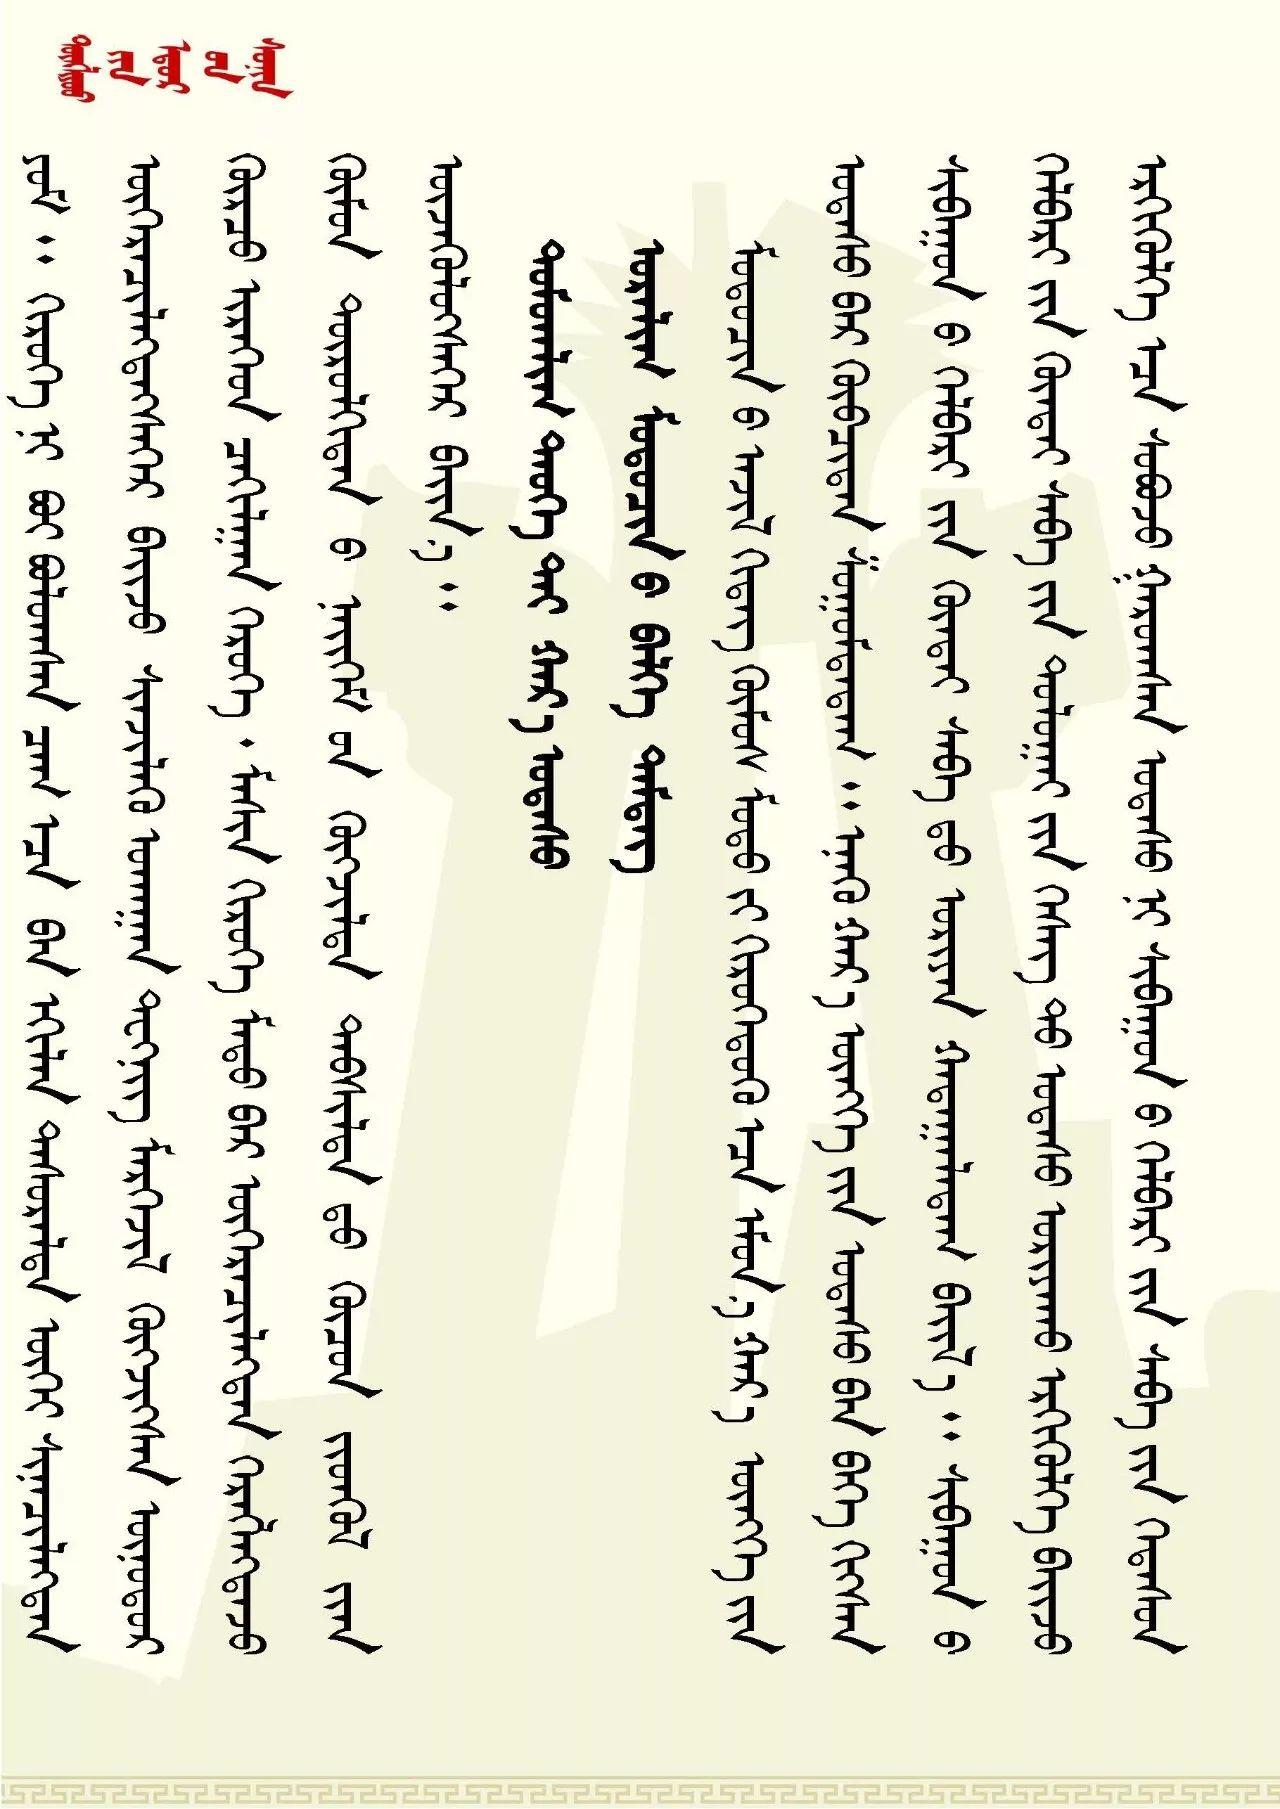 【文化】科尔沁木工文化(蒙古文) 第20张 【文化】科尔沁木工文化(蒙古文) 蒙古文化